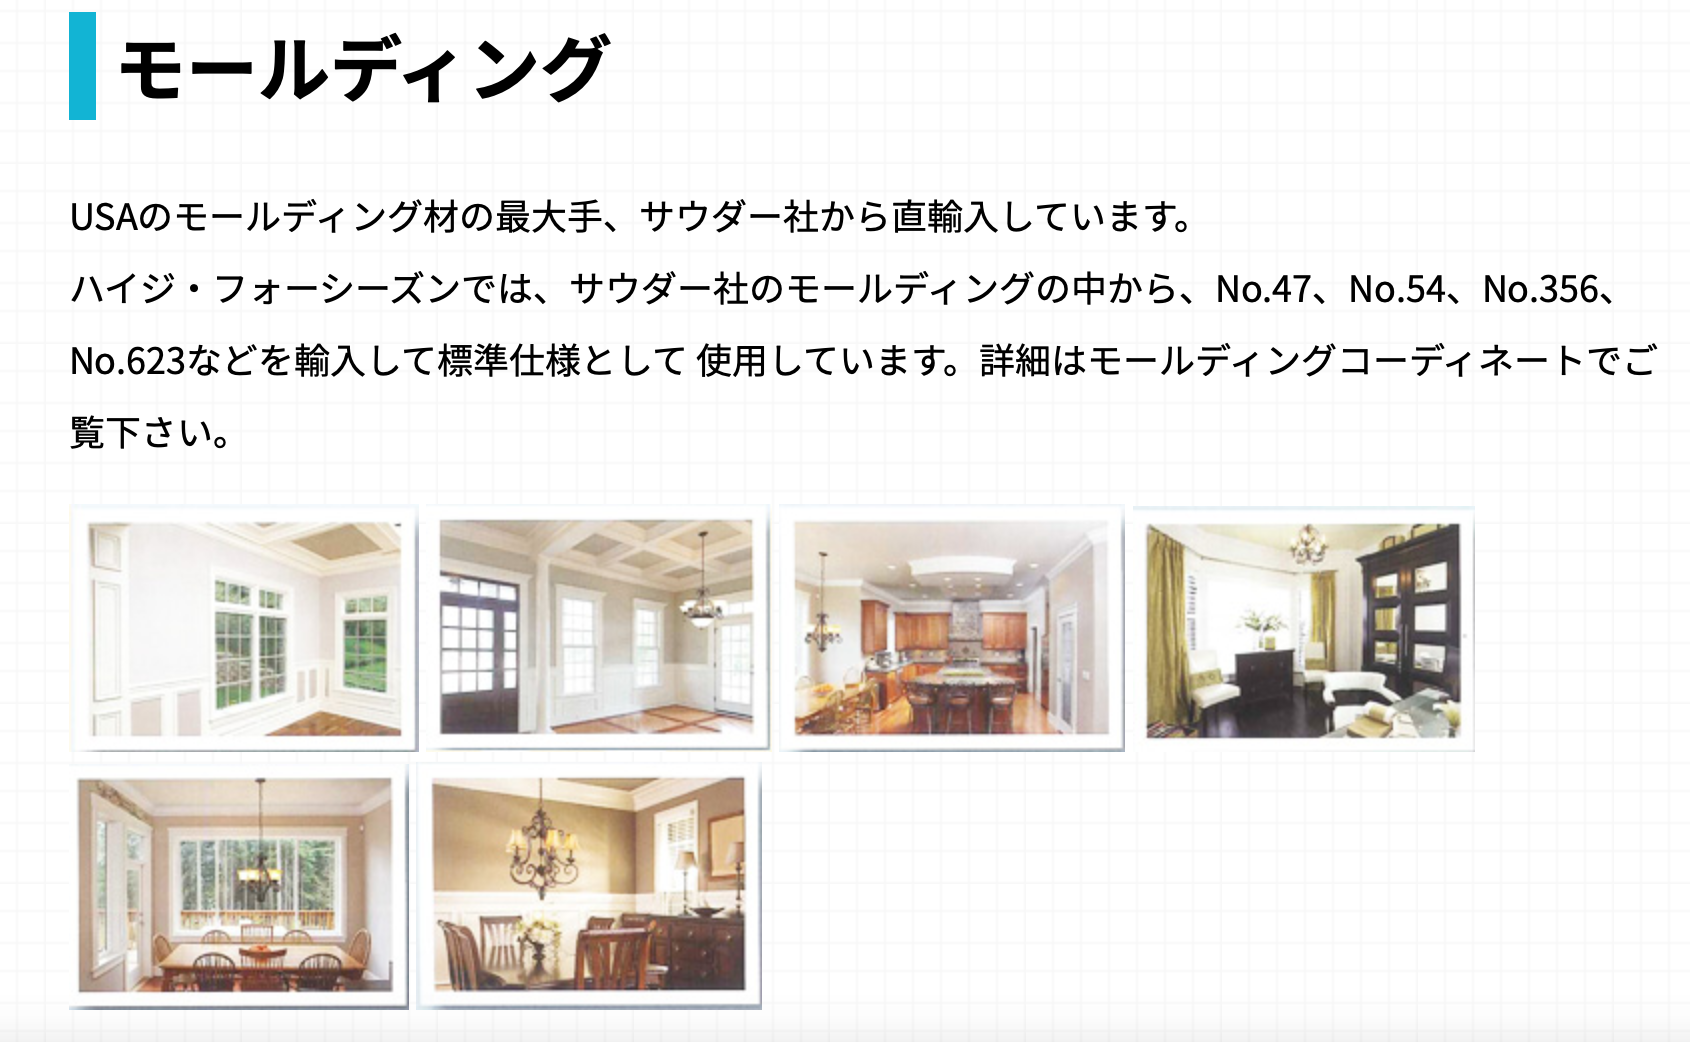 モールディング_ロビンスジャパン